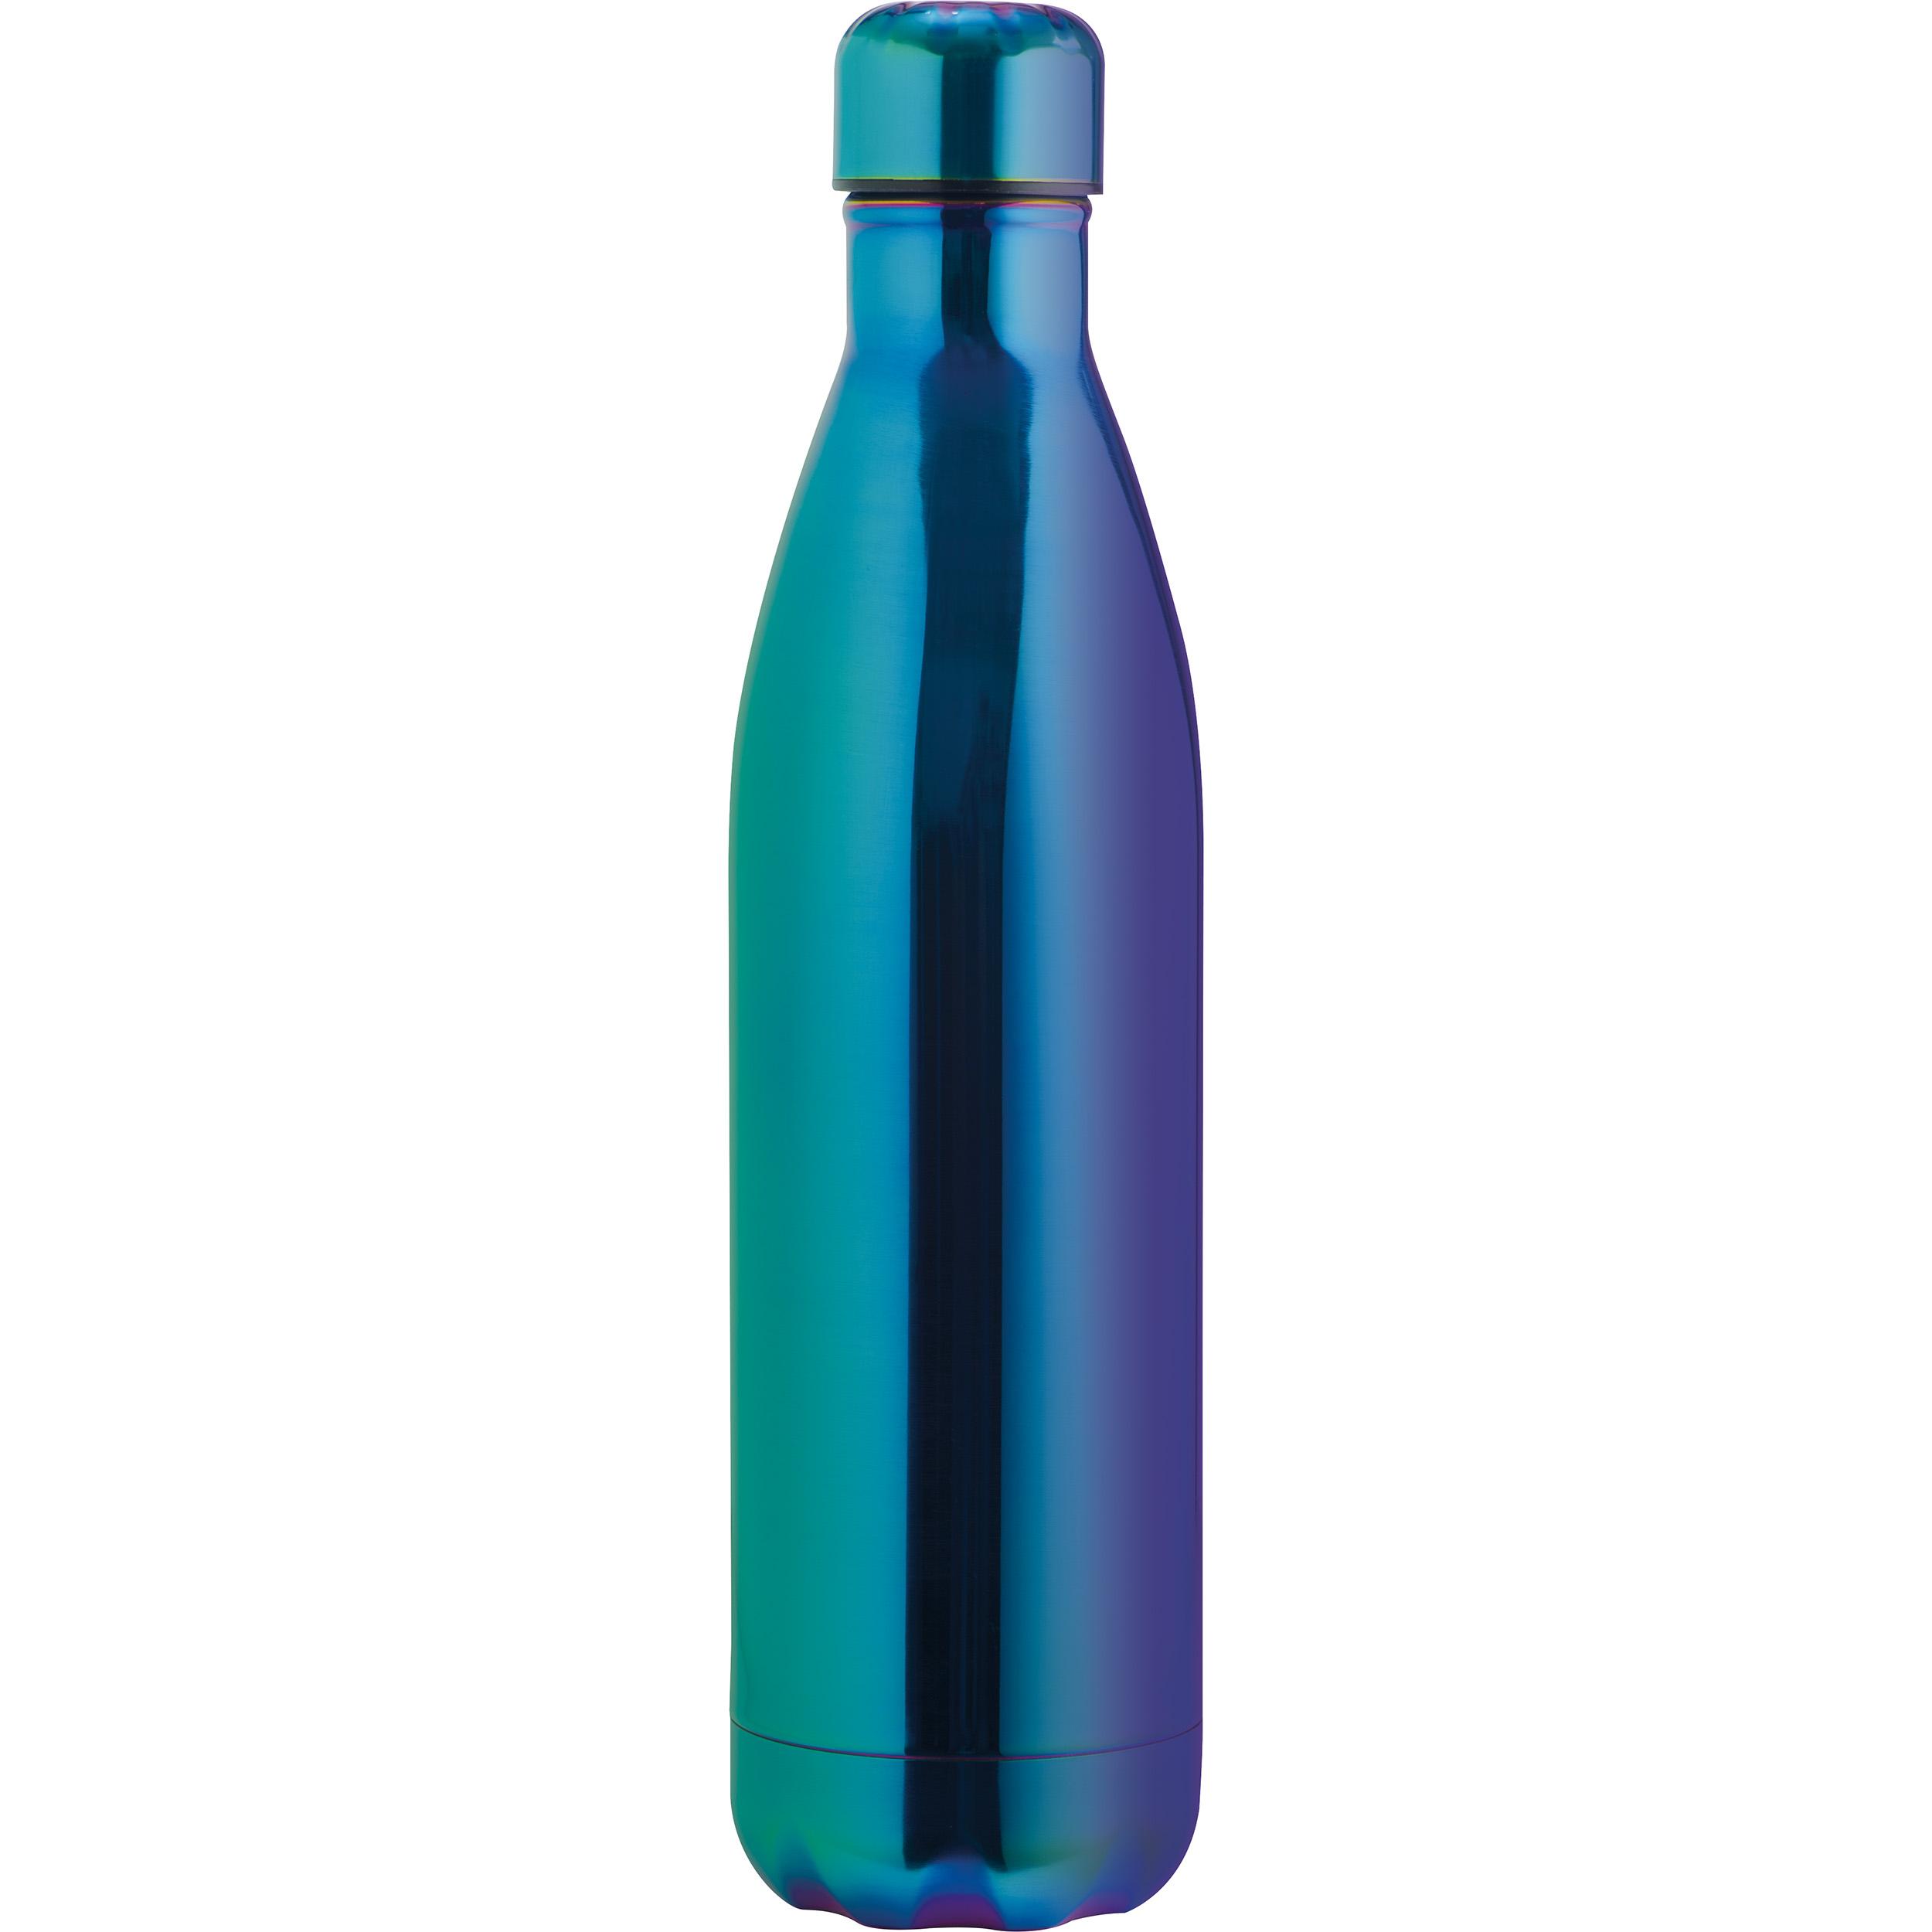 Vakuum-Trinkflasche aus Edelstahl, auslaufsicher, 800 ml